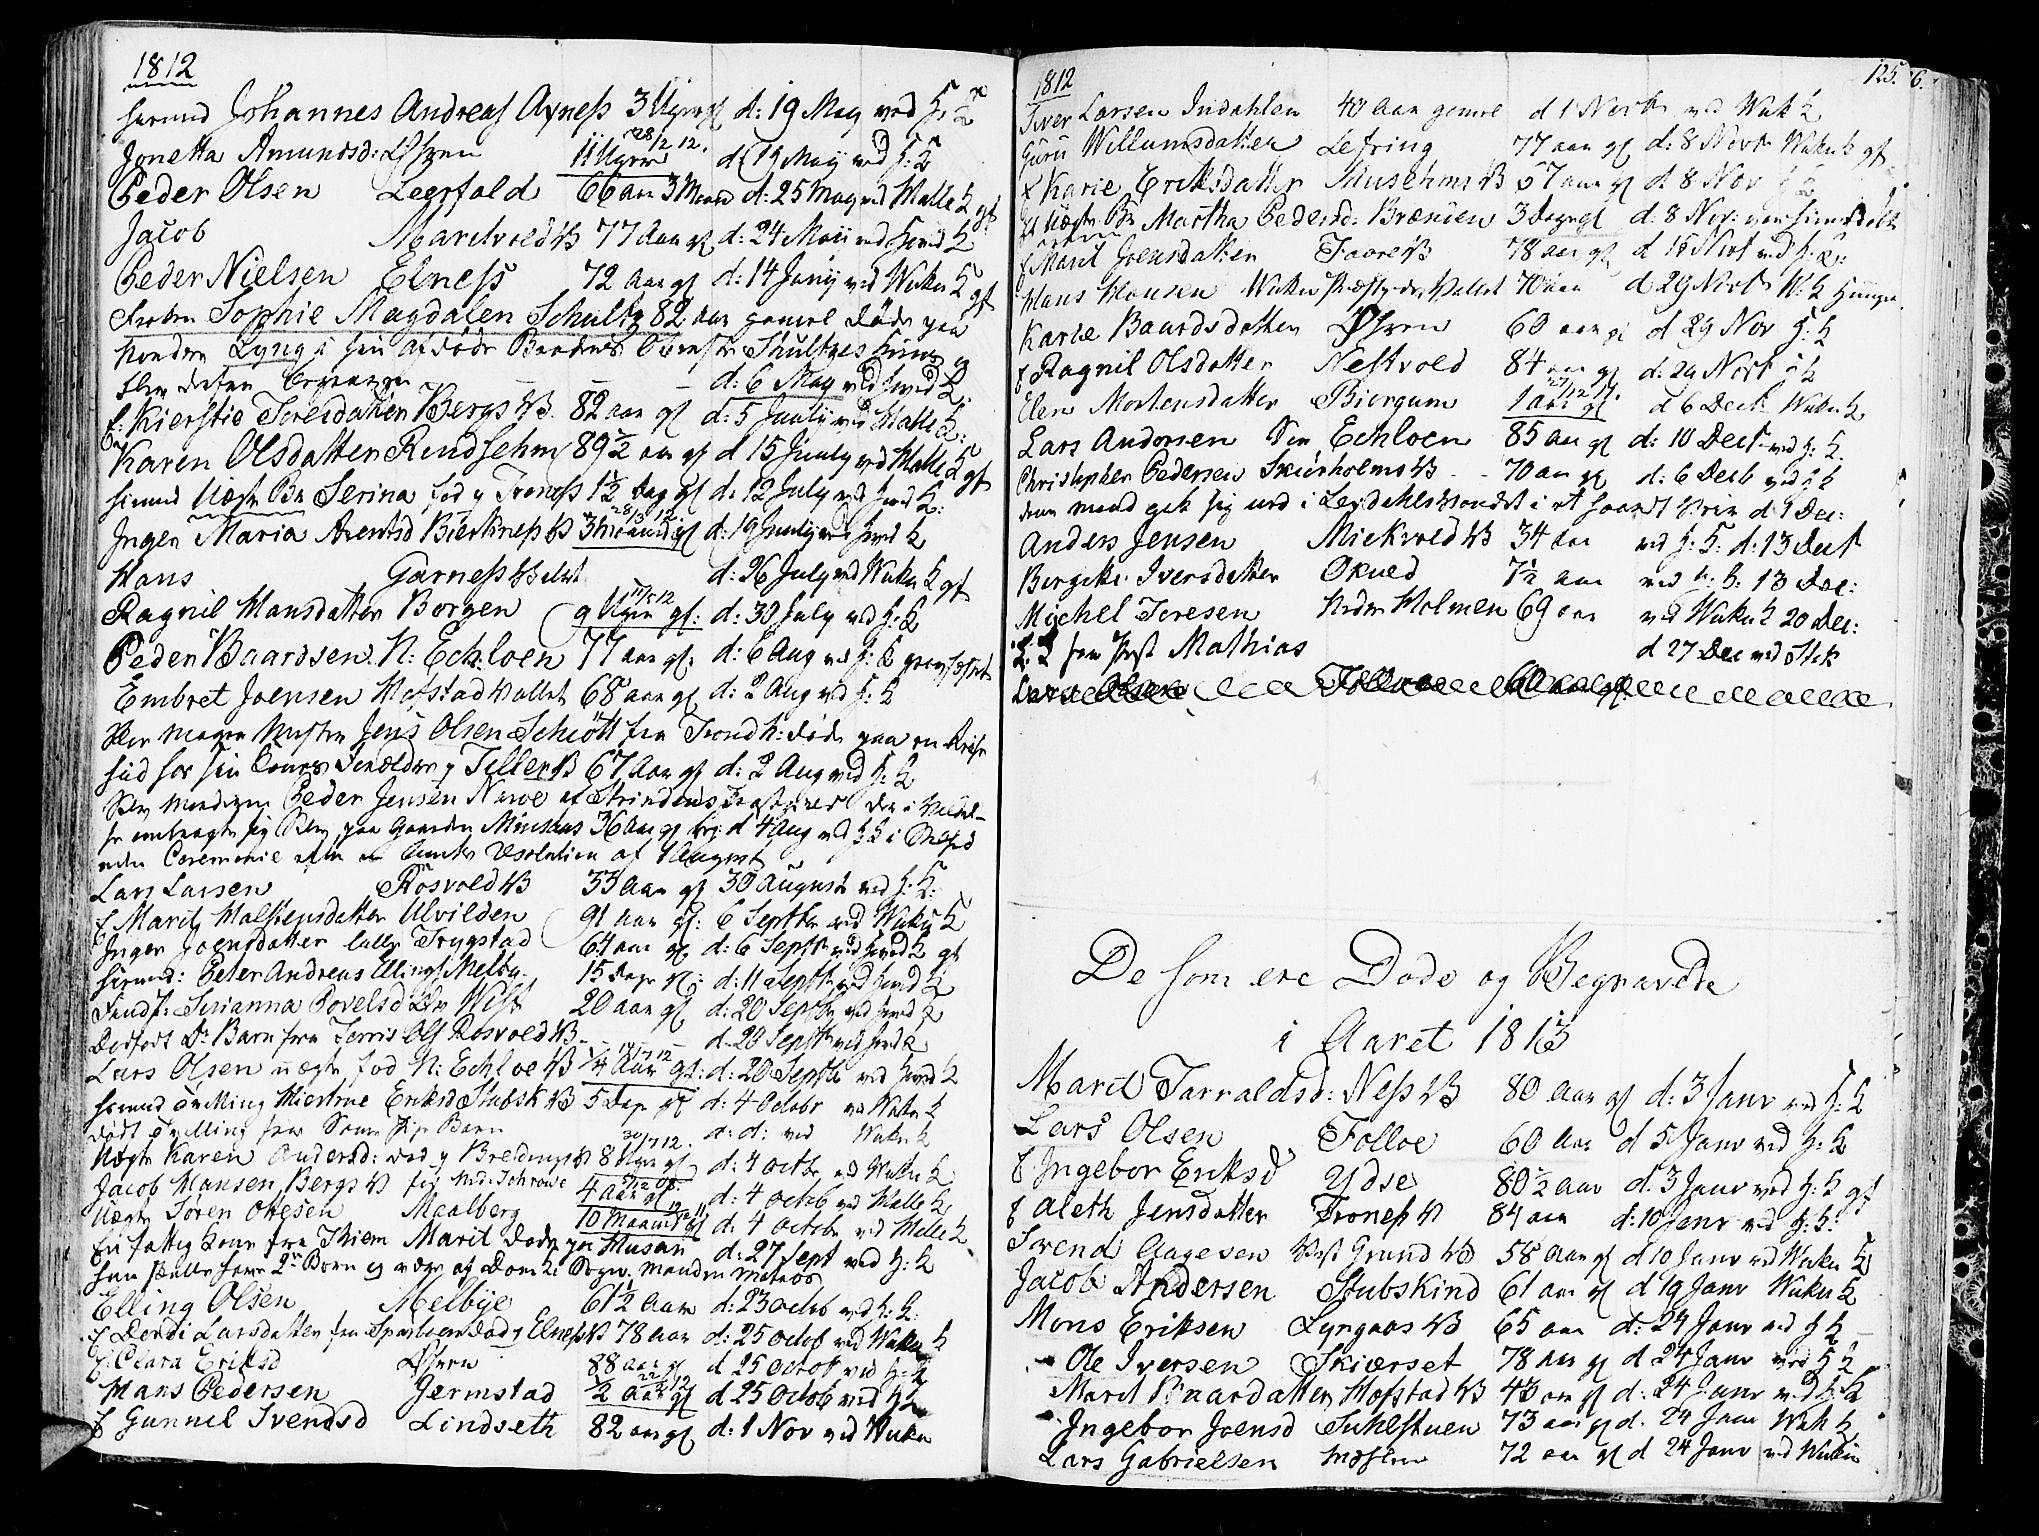 SAT, Ministerialprotokoller, klokkerbøker og fødselsregistre - Nord-Trøndelag, 723/L0233: Ministerialbok nr. 723A04, 1805-1816, s. 125